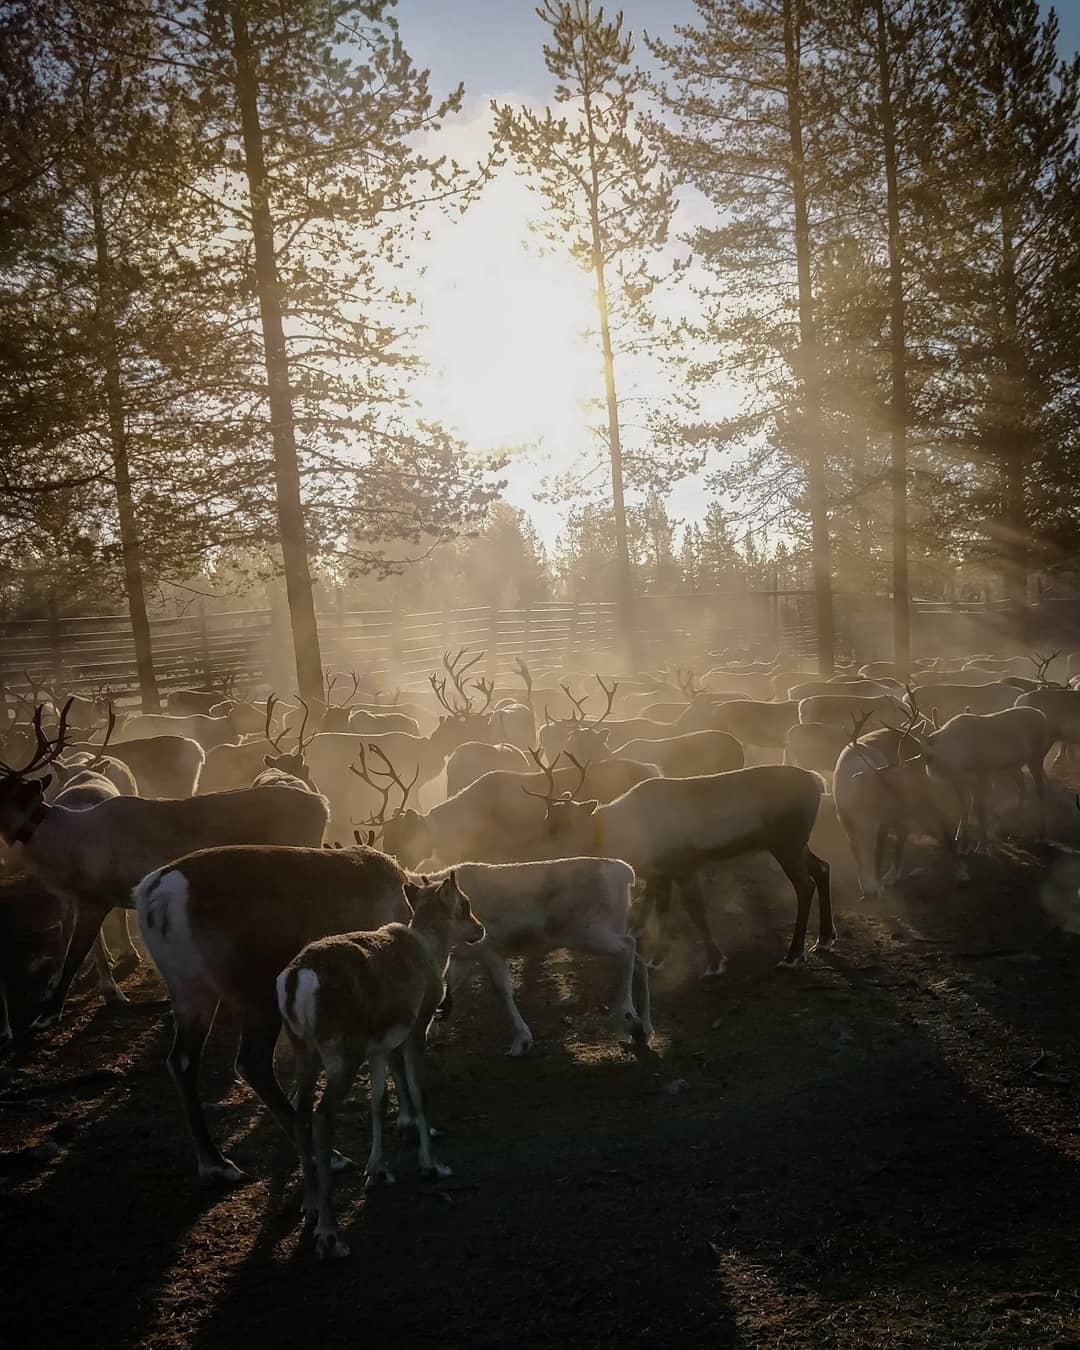 Reindeer herding in Lapland- IIda aletta Salla story of reindeer farm in Lapland Finland´Blog by Visit Lapland